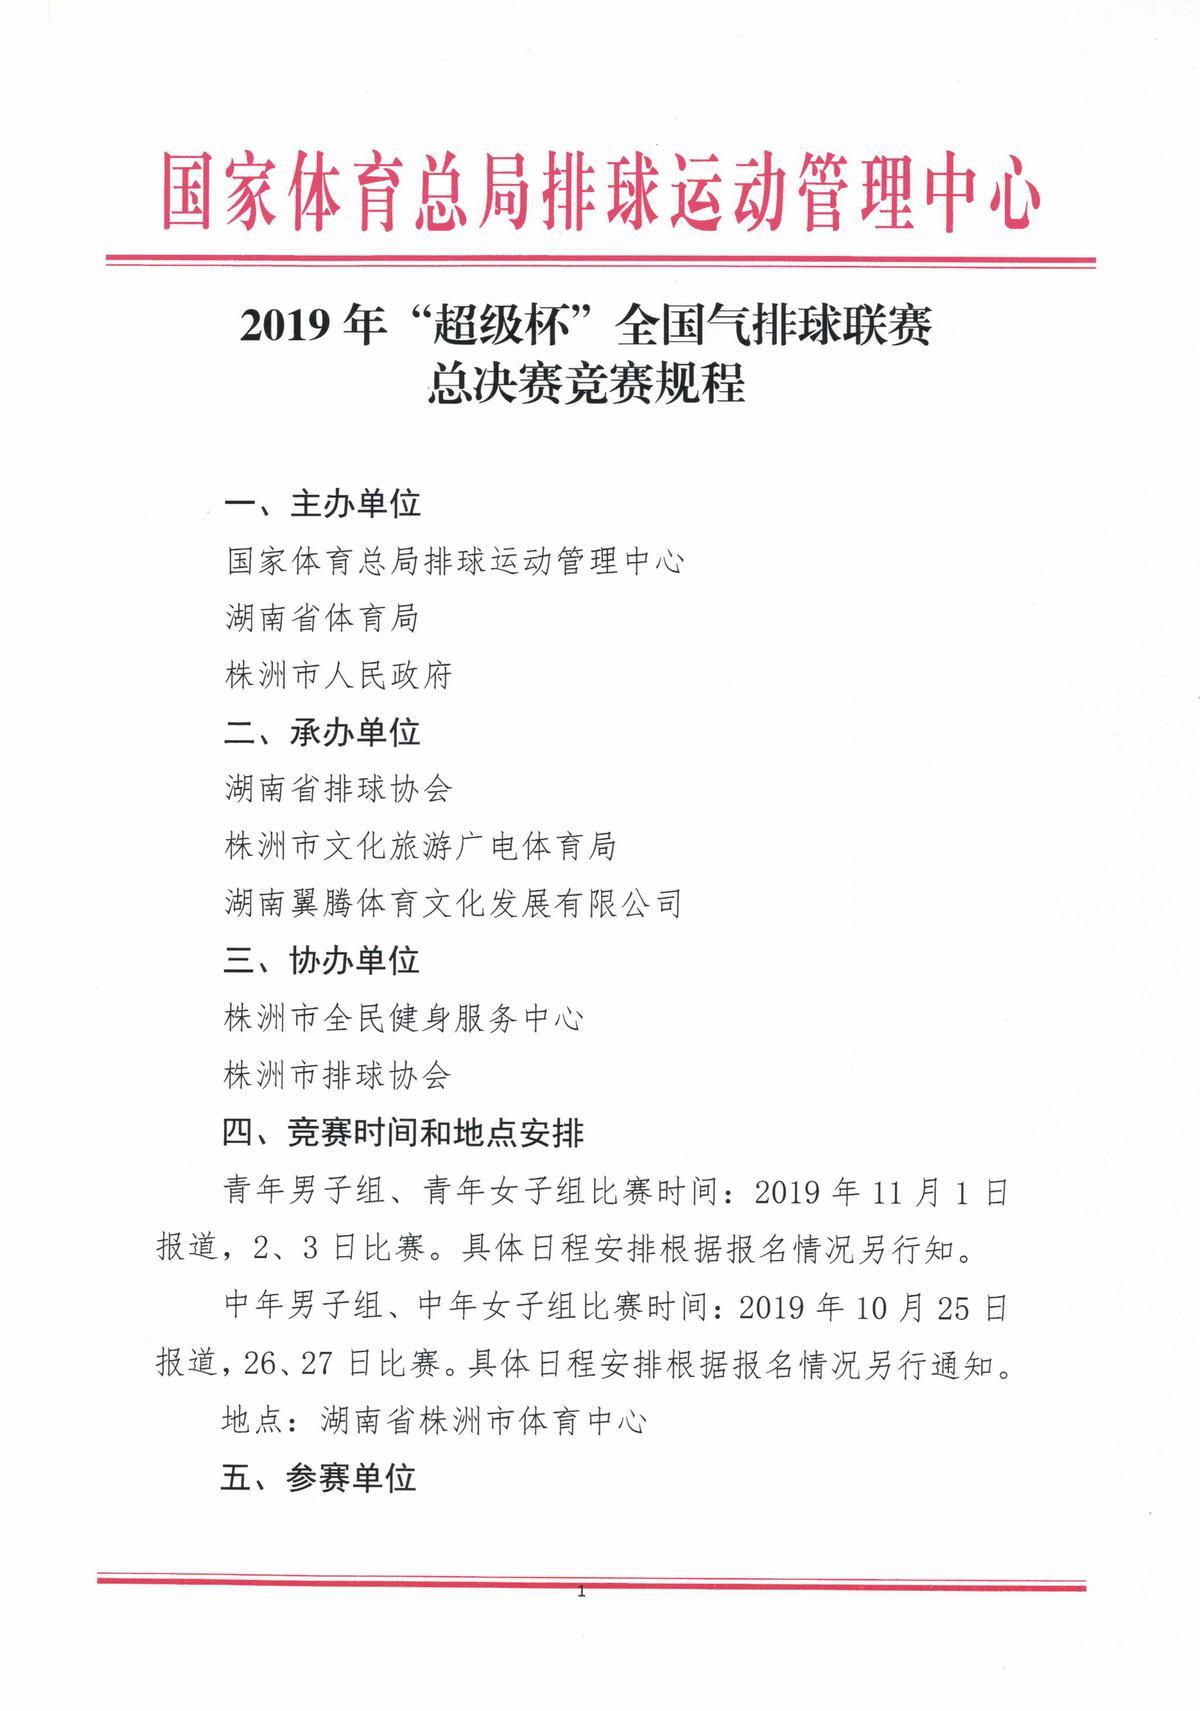 湖南总决赛规程_000339